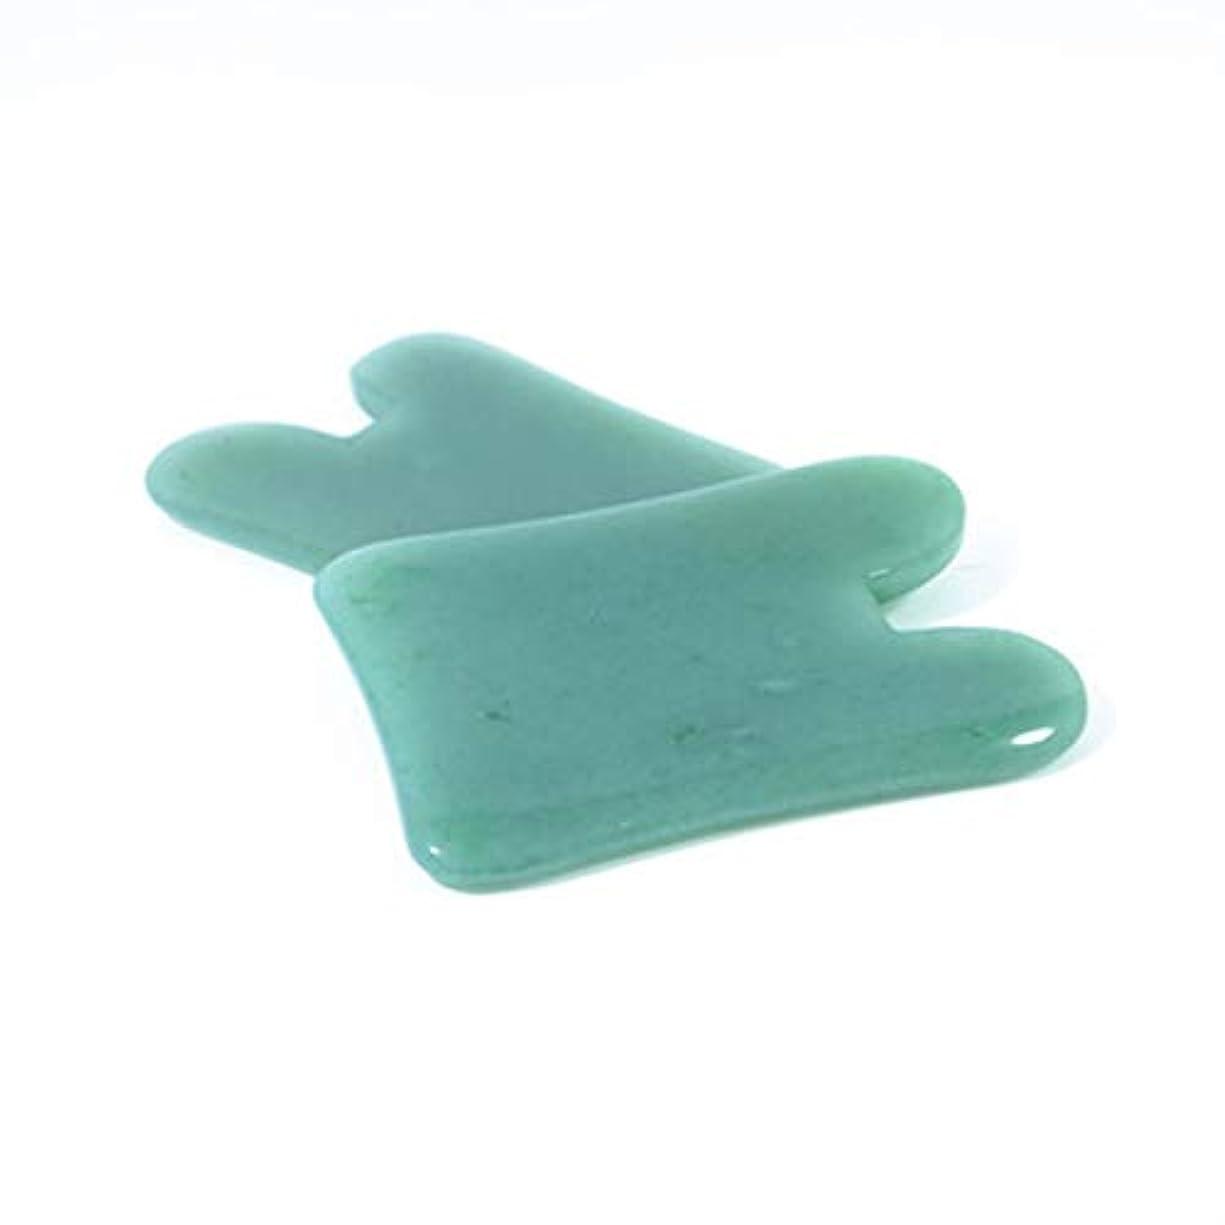 数斧各Natural Portable Size Gua Sha Facial Treatment Massage Tool Chinese Natural Jade Scraping Tools Massage Healing...